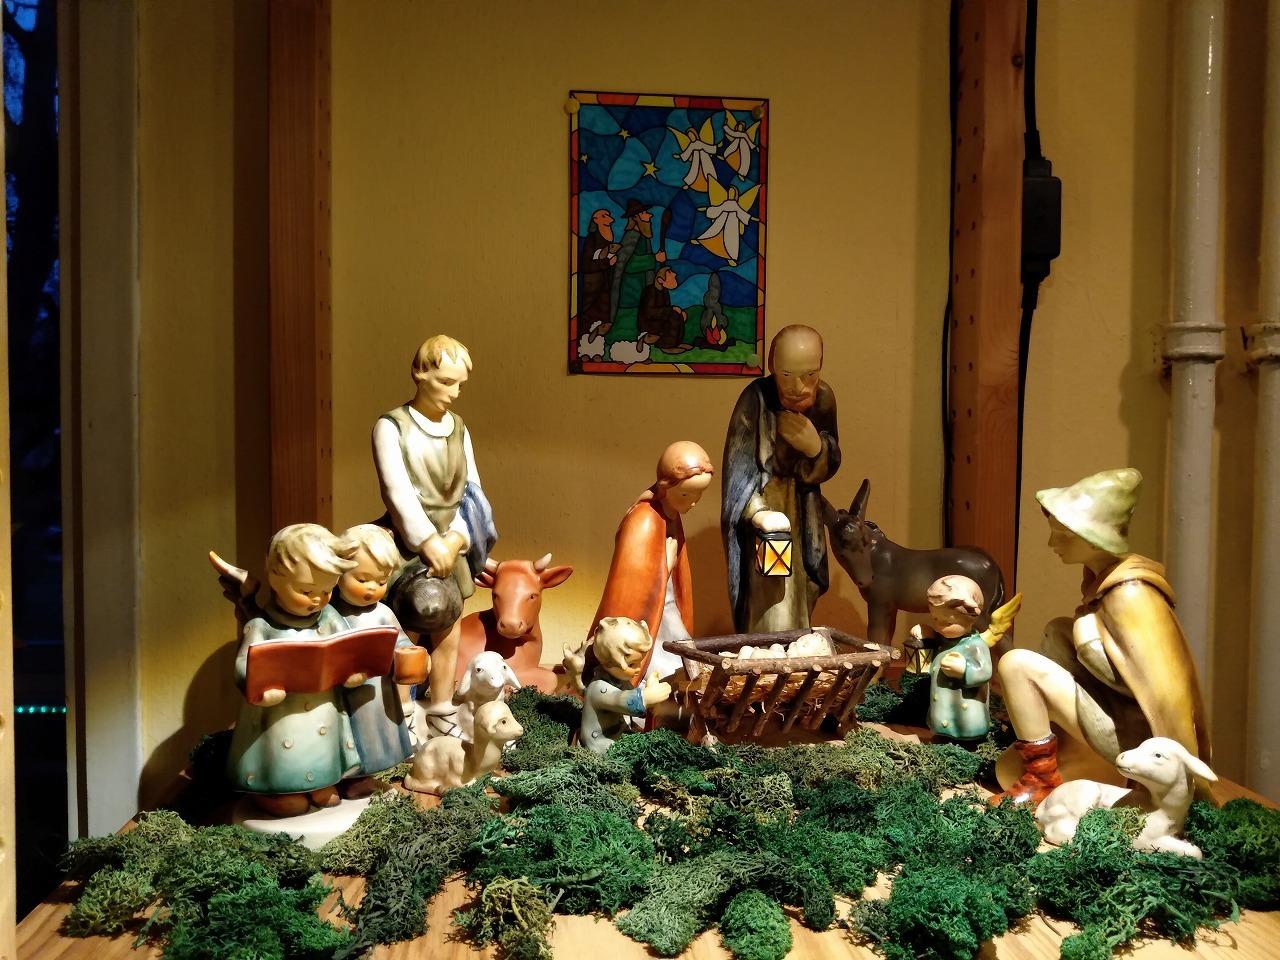 ドイツのクリスマスと日本の正月 03_a0355629_11530151.jpg